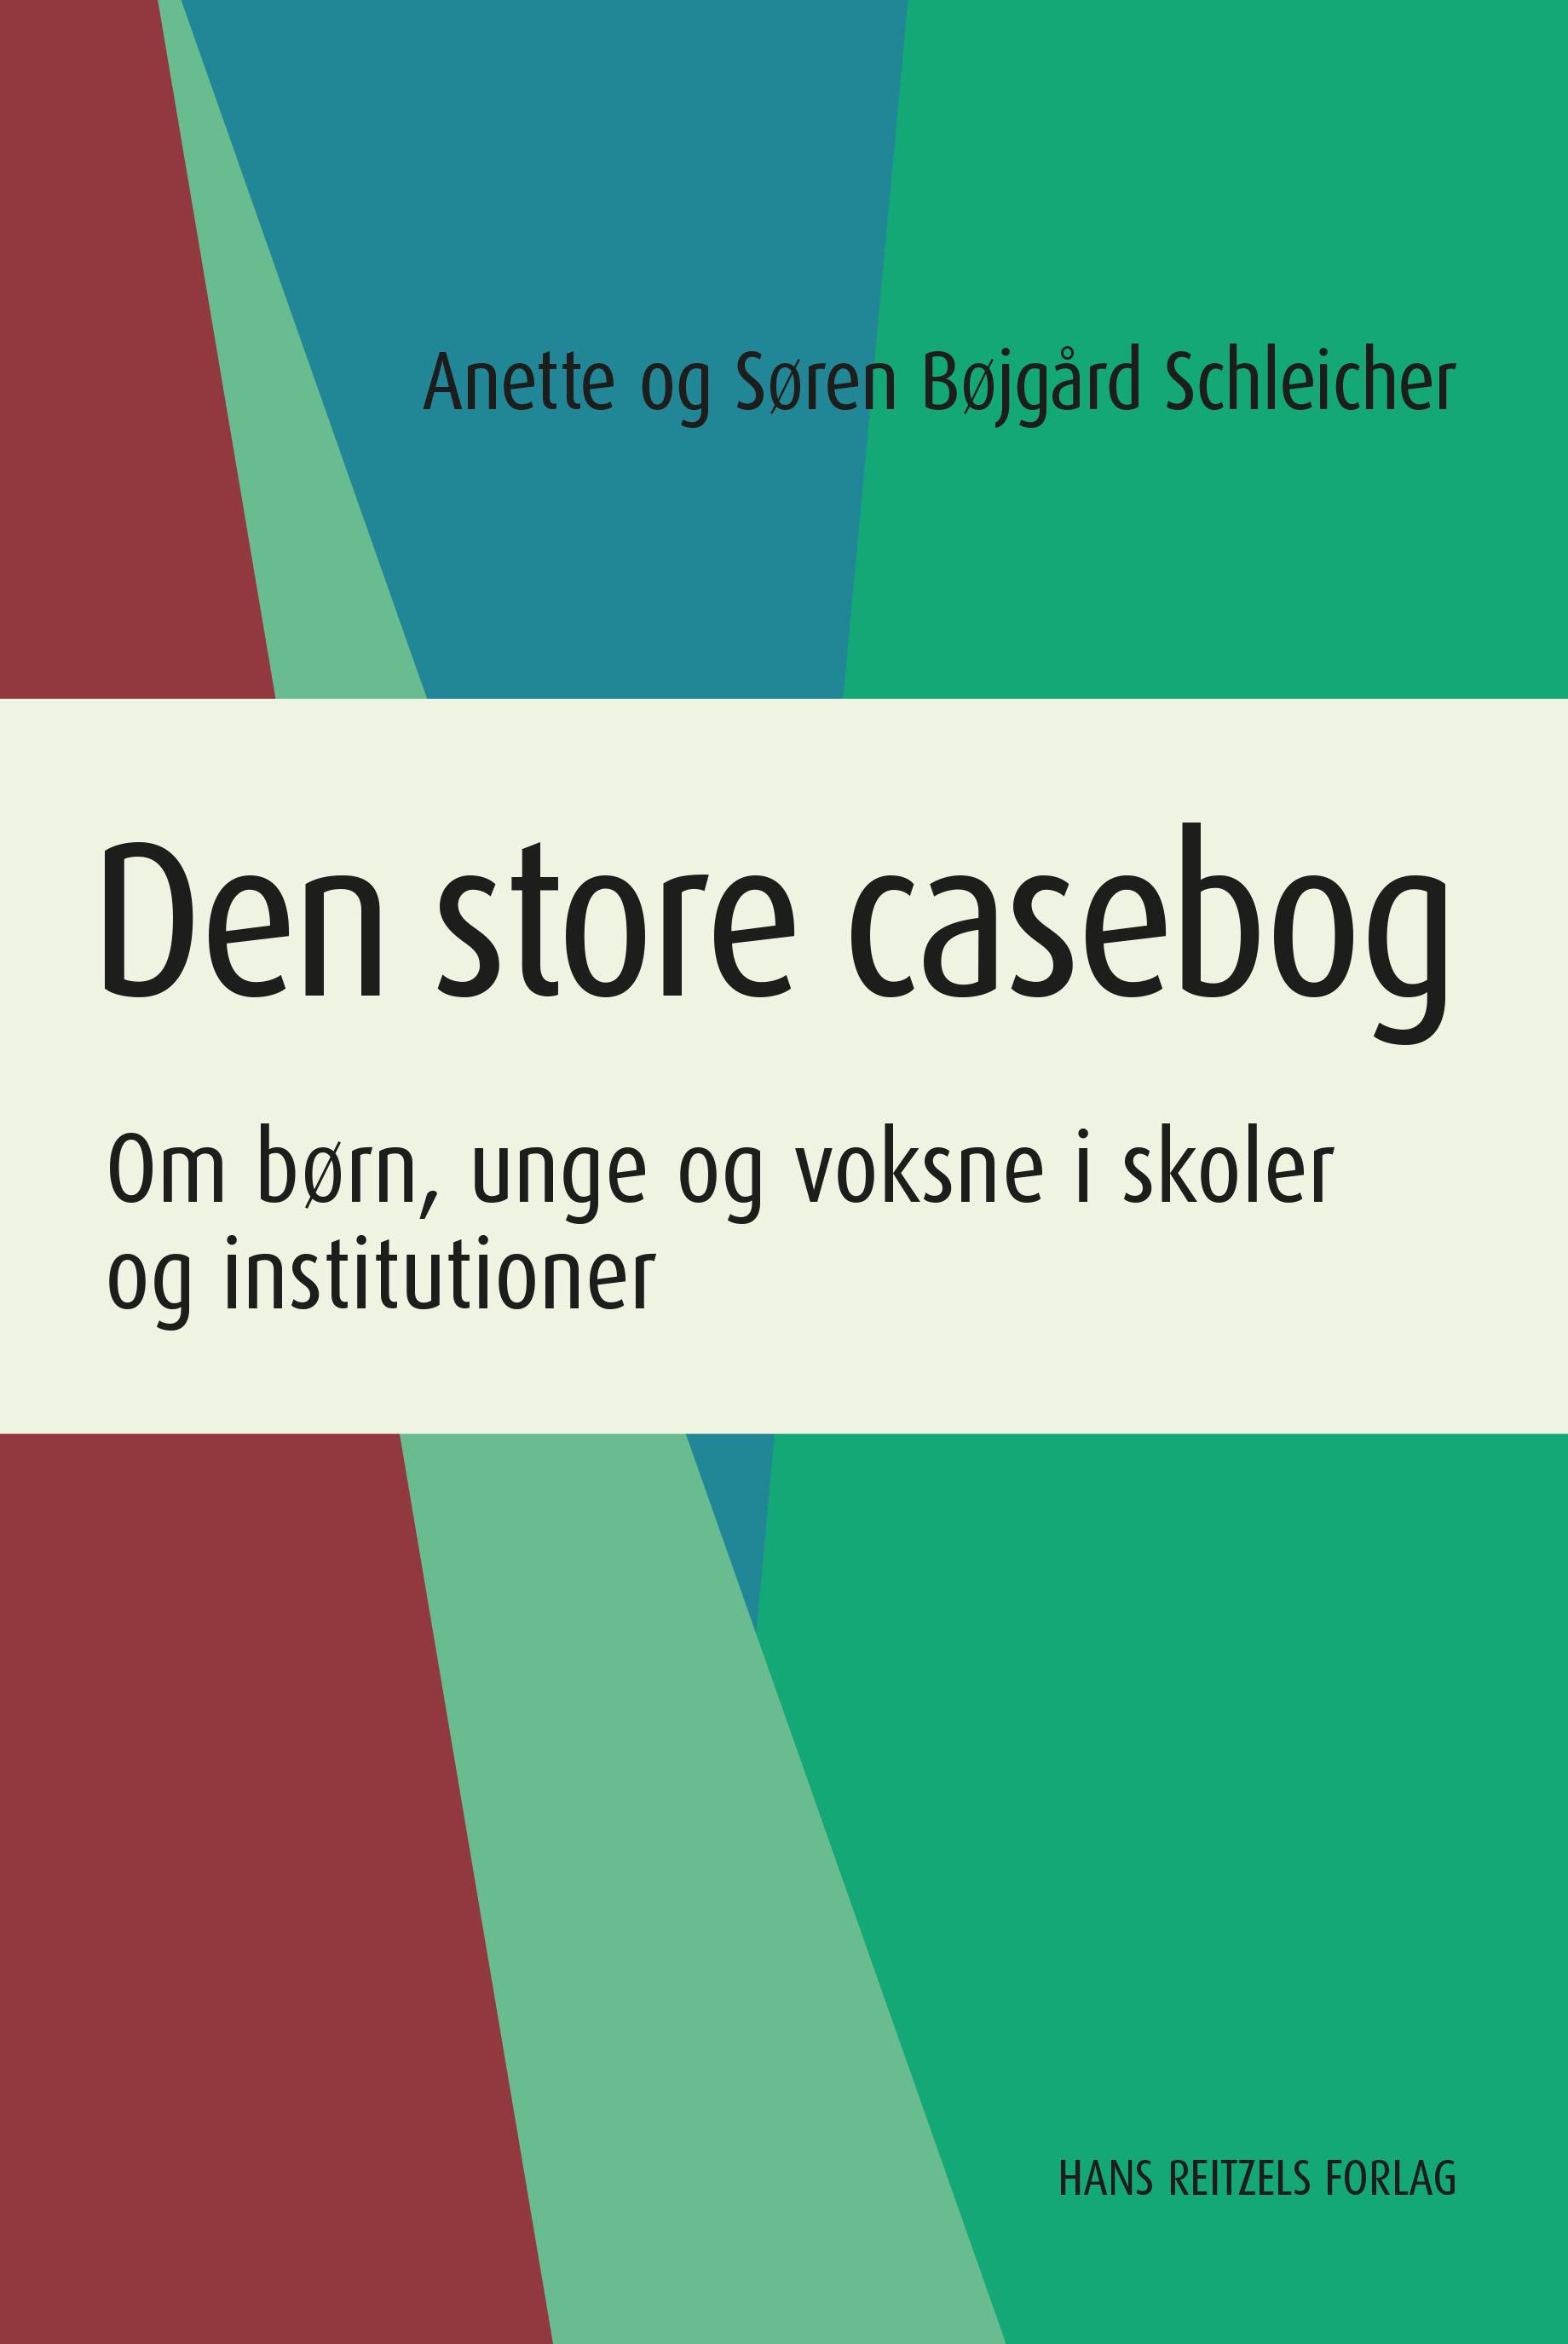 Den store casebog